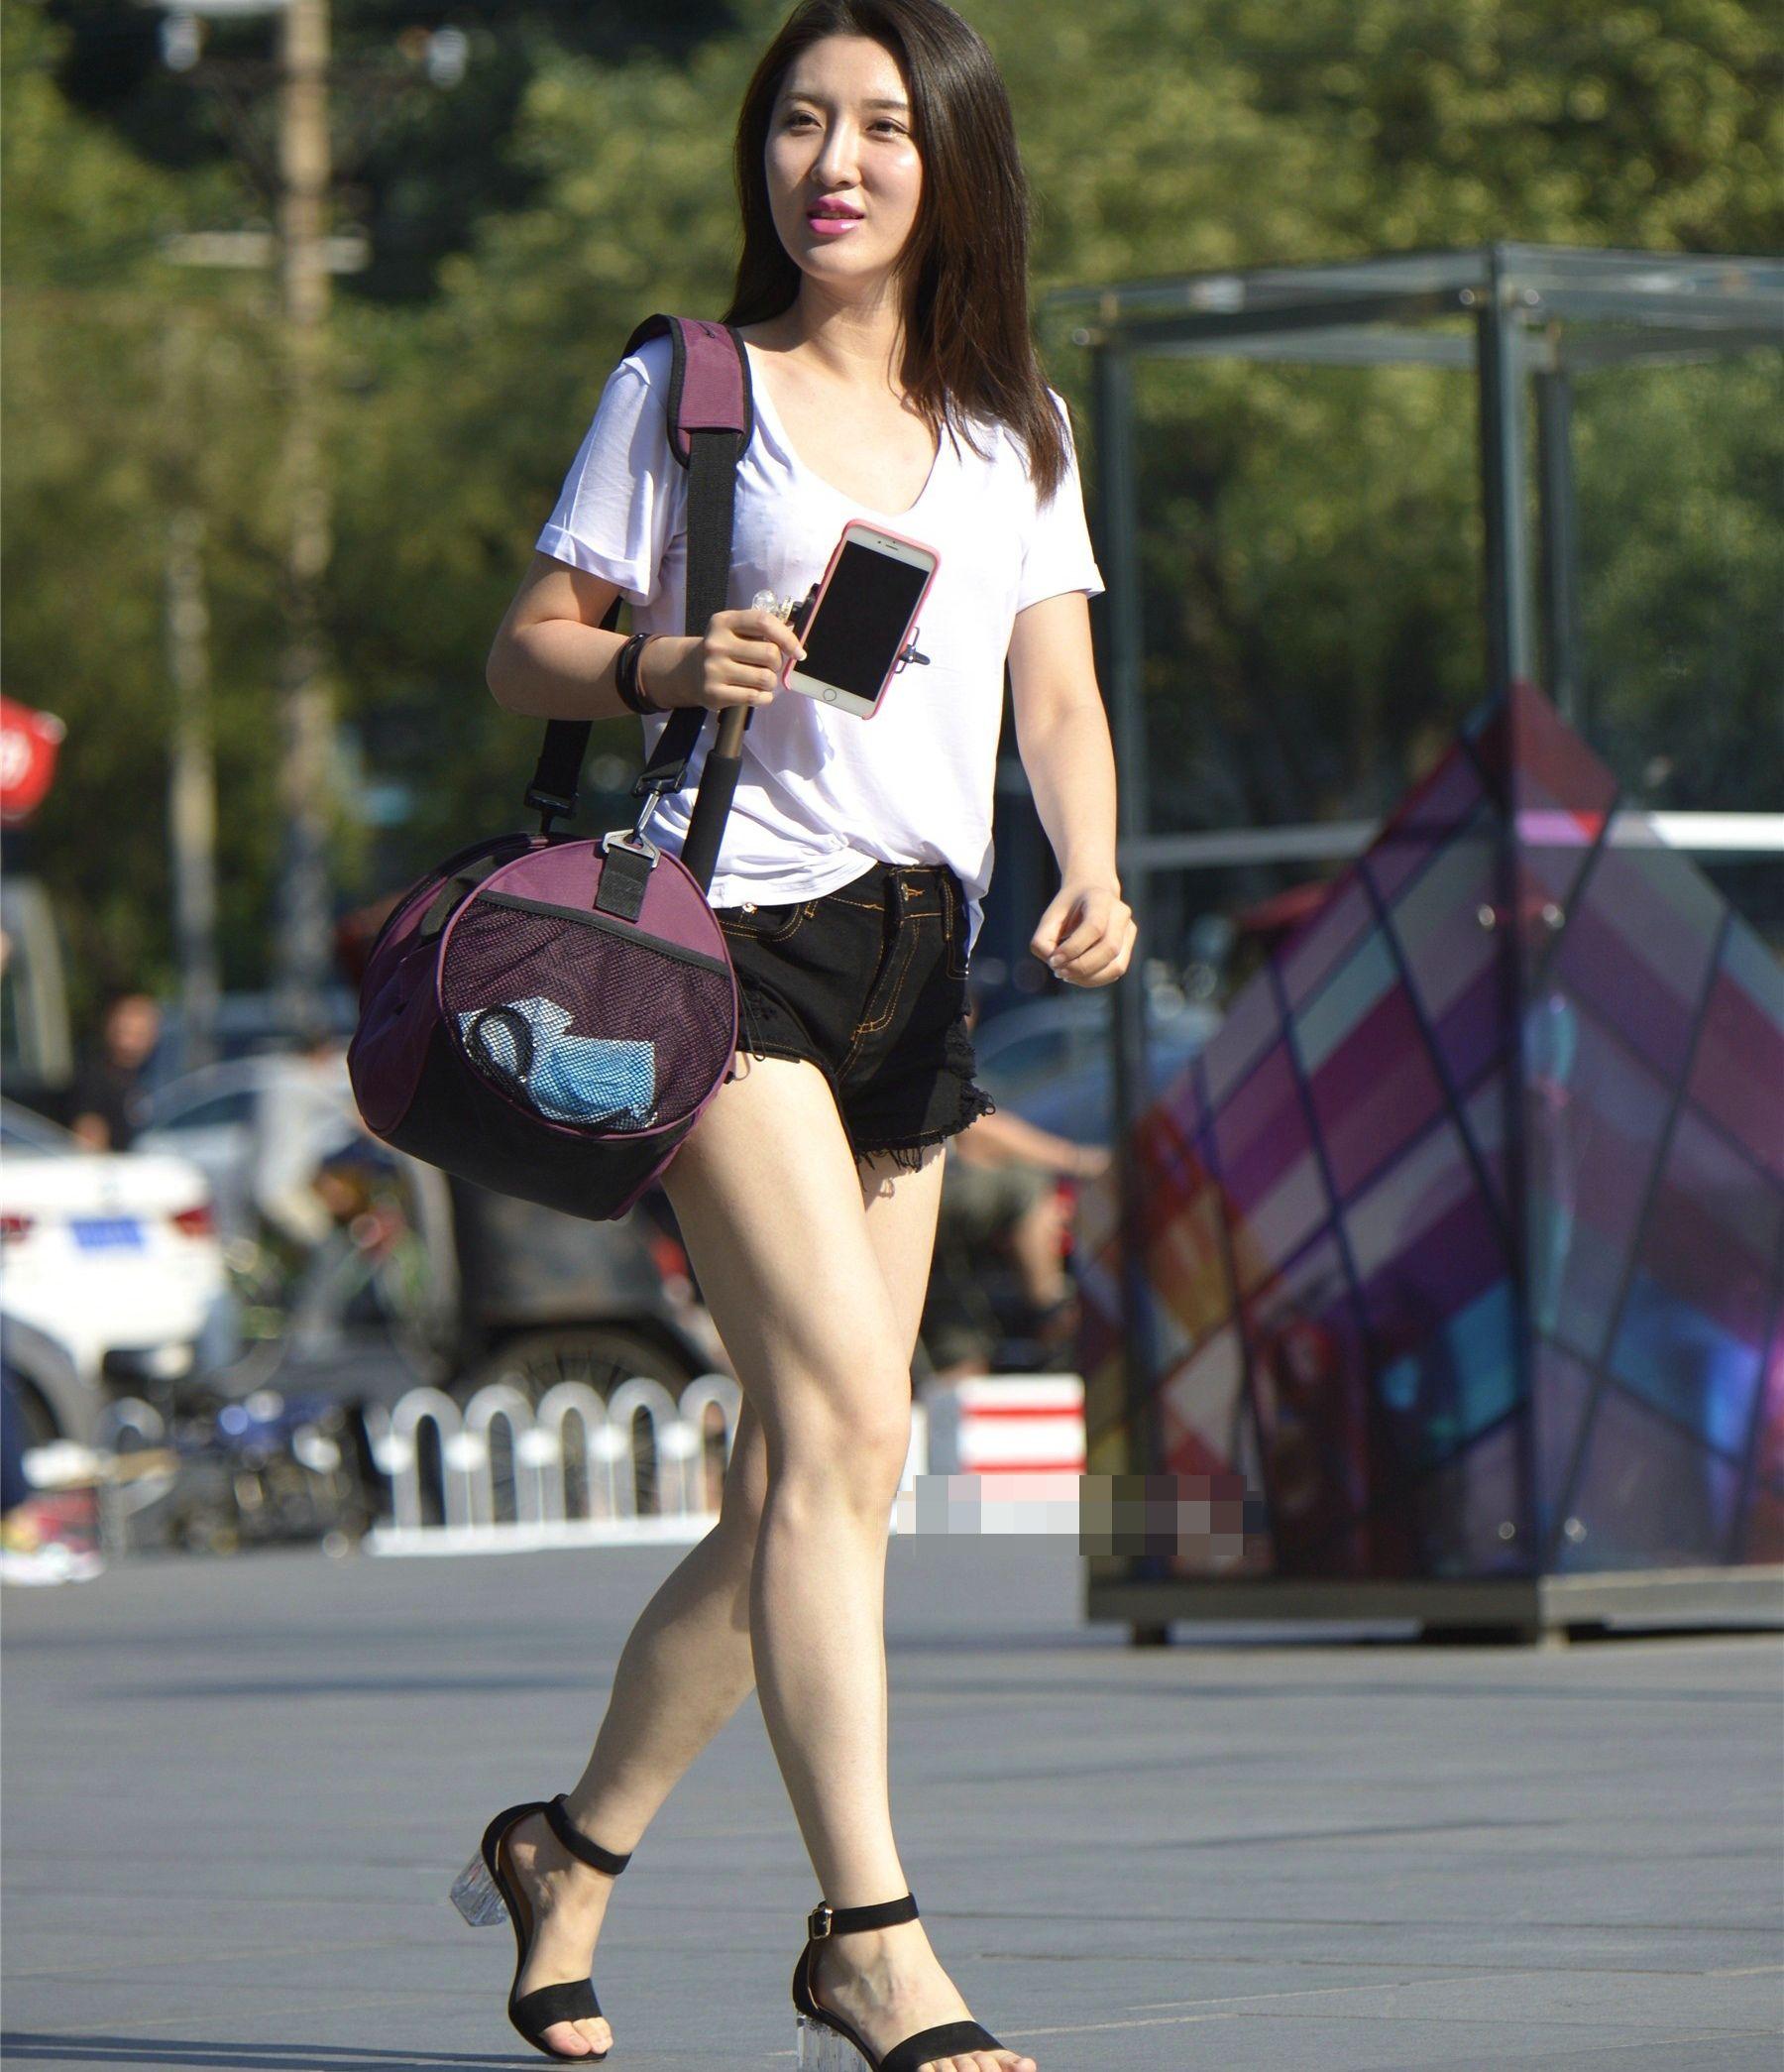 街拍美女,夏季街头的热裤最好为何让人陶醉?药什么v美女吃病毒性时尚图片